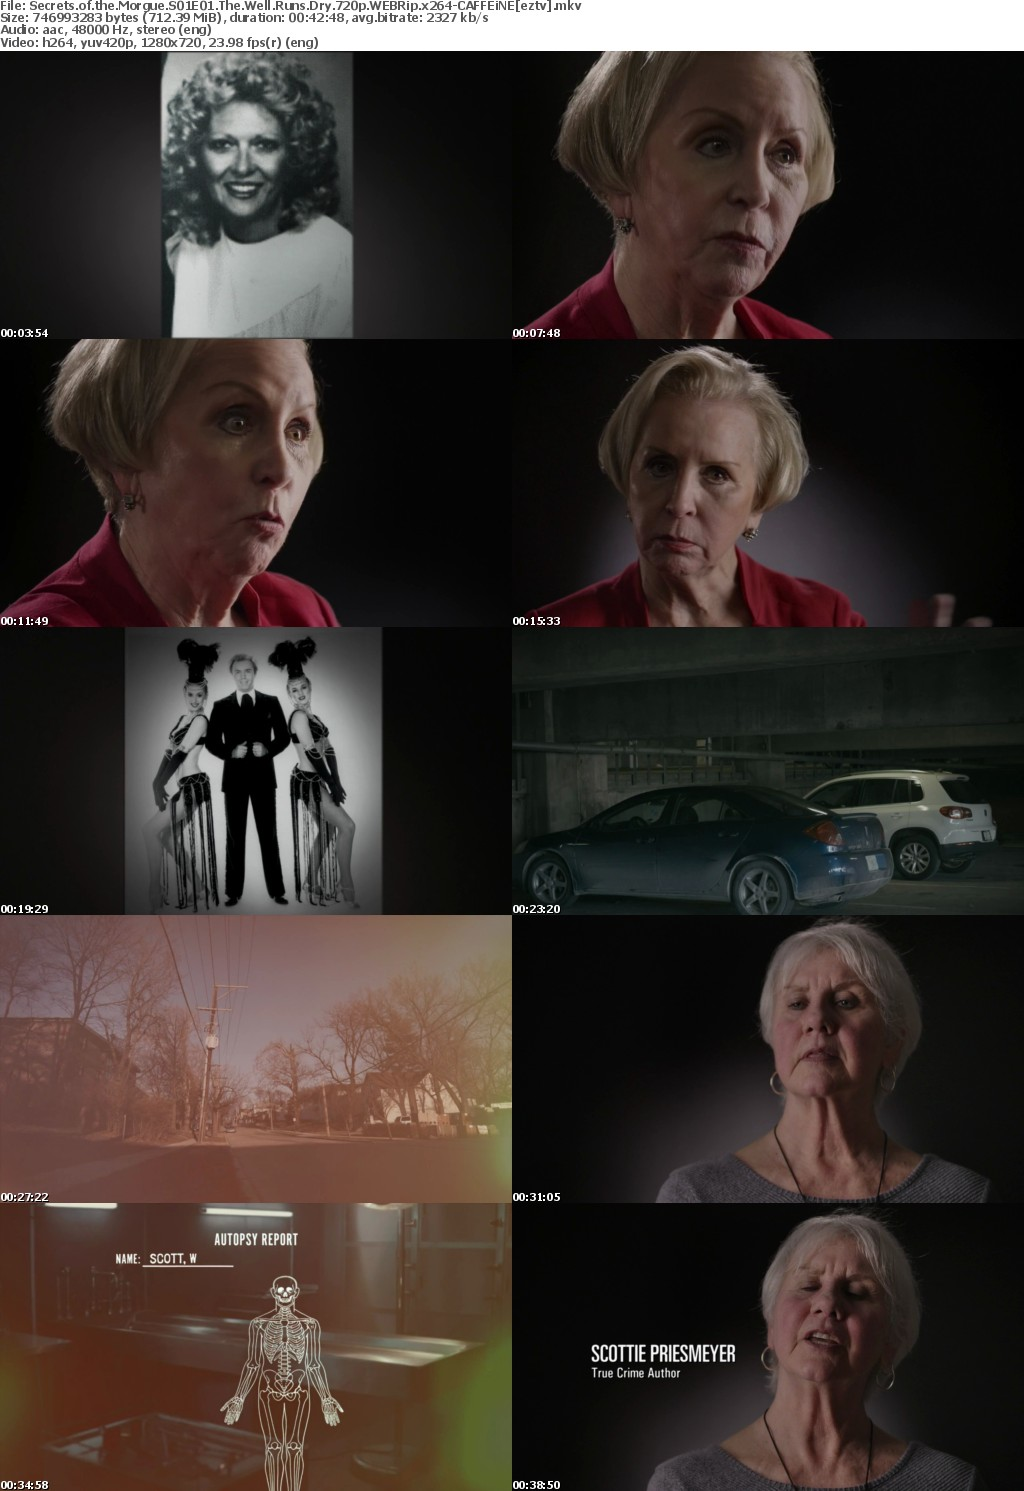 Secrets of the Morgue S01E01 The Well Runs Dry 720p WEBRip x264-CAFFEiNE